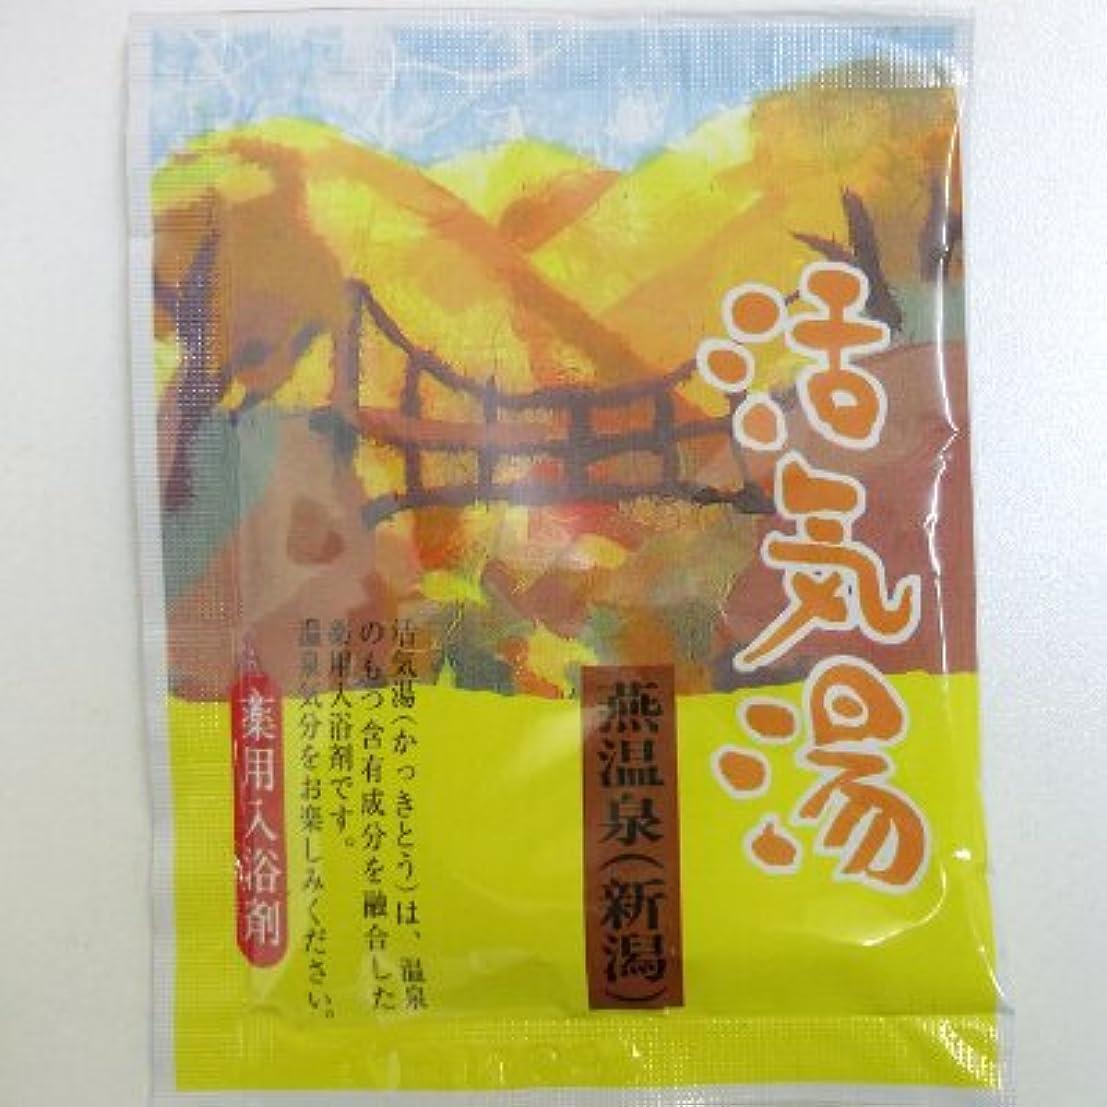 気怠いアクロバット変形活気湯 燕温泉(シトラス)